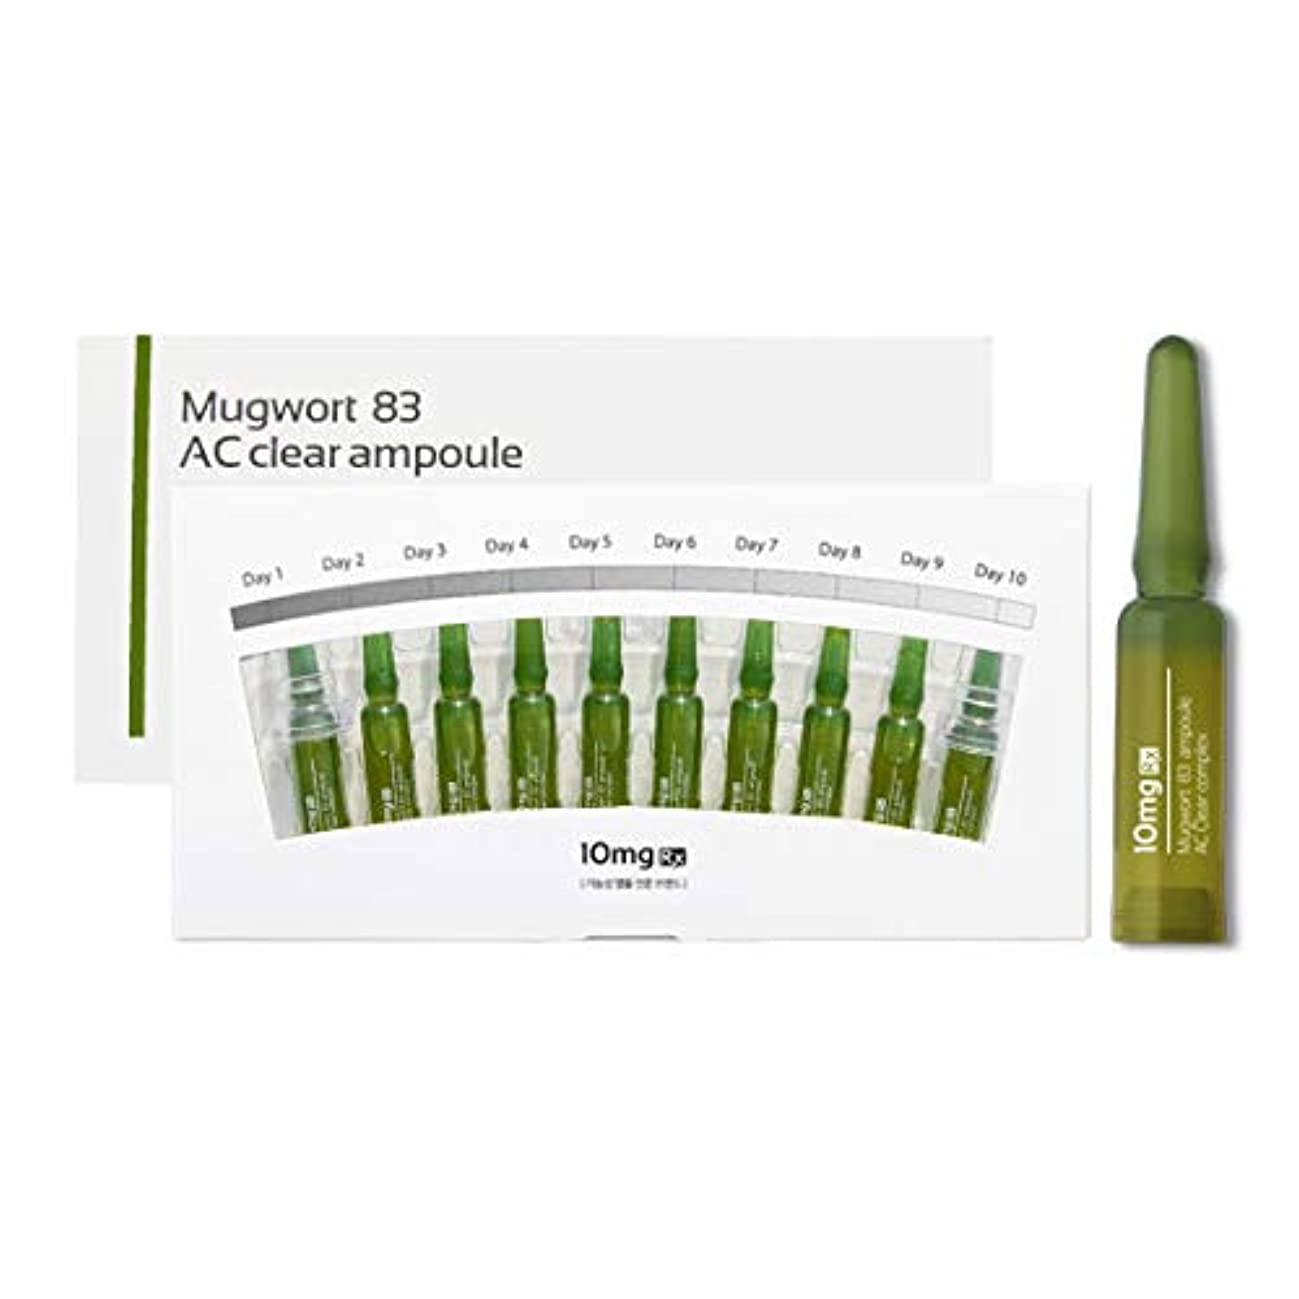 強化学習者尊敬するAIDA 10mgRx マグワート83 ACクリアアンプル 2mlx10ea (皮脂コントロール、傷みにくい)/ Mugwort 83 AC Clear Ampoule